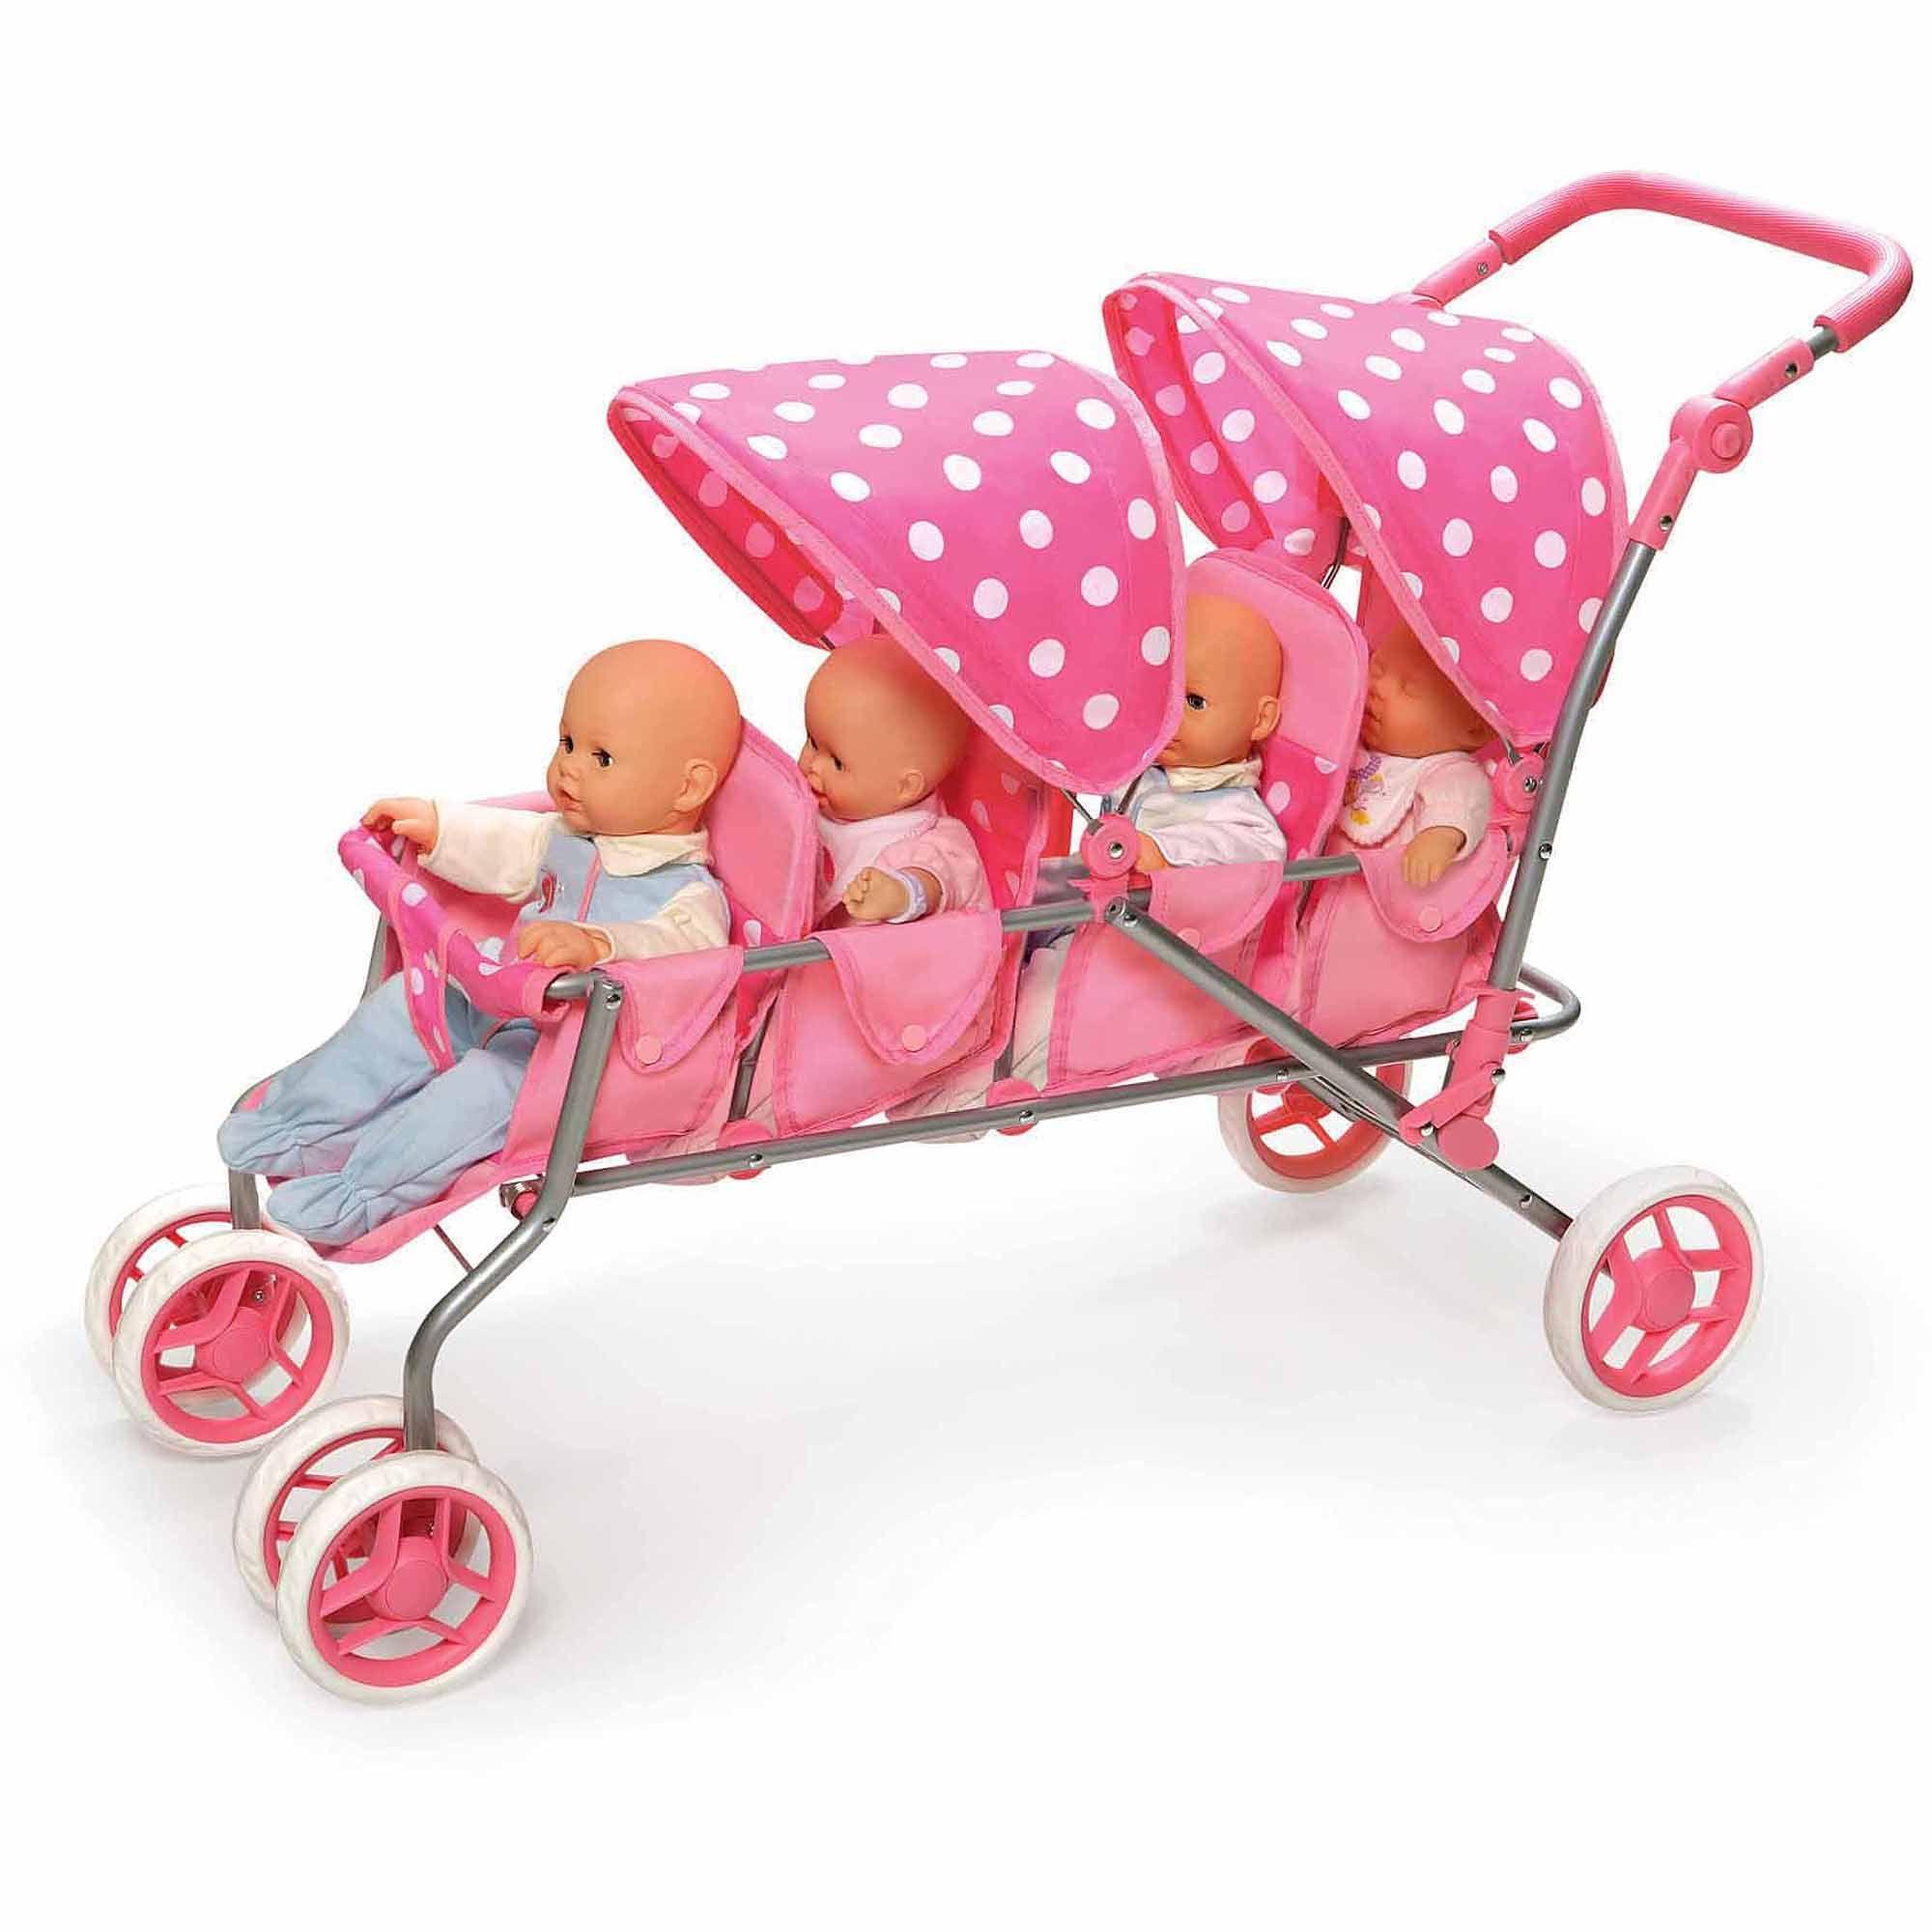 Japon la poussette 4 places Baby carriage, Baby